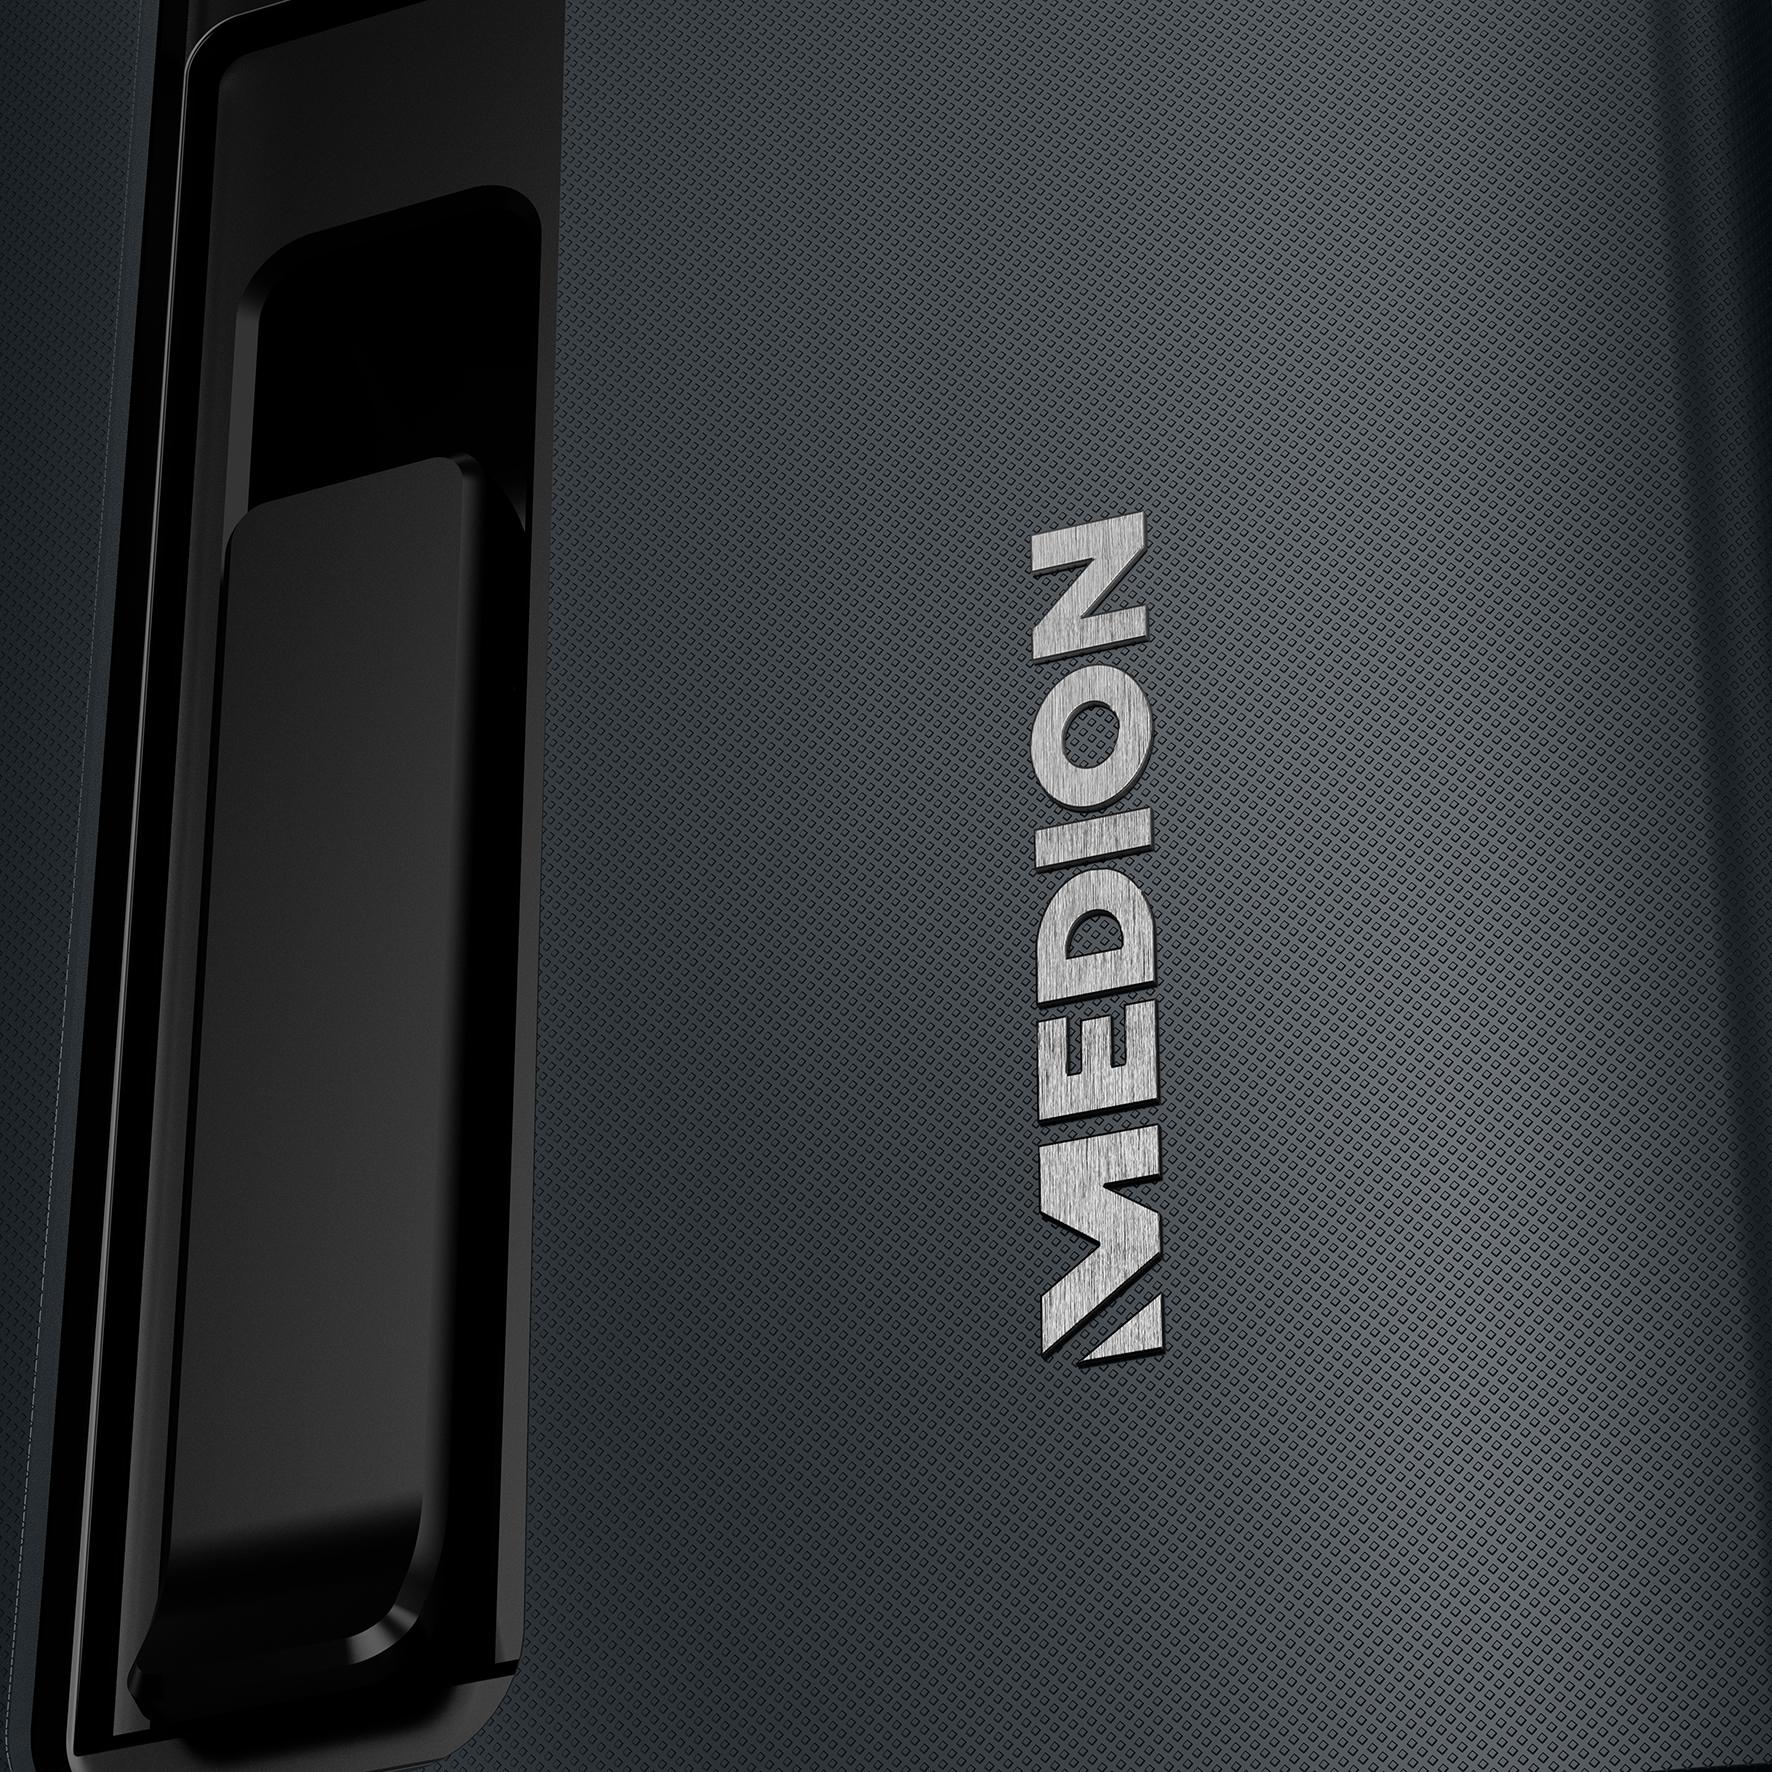 Medion Akoya P32010 und P6645: Aldi-Süd verkauft Ryzen-PC und Intel-Notebook - Medion Akoya P32010 (Bild: Medion)